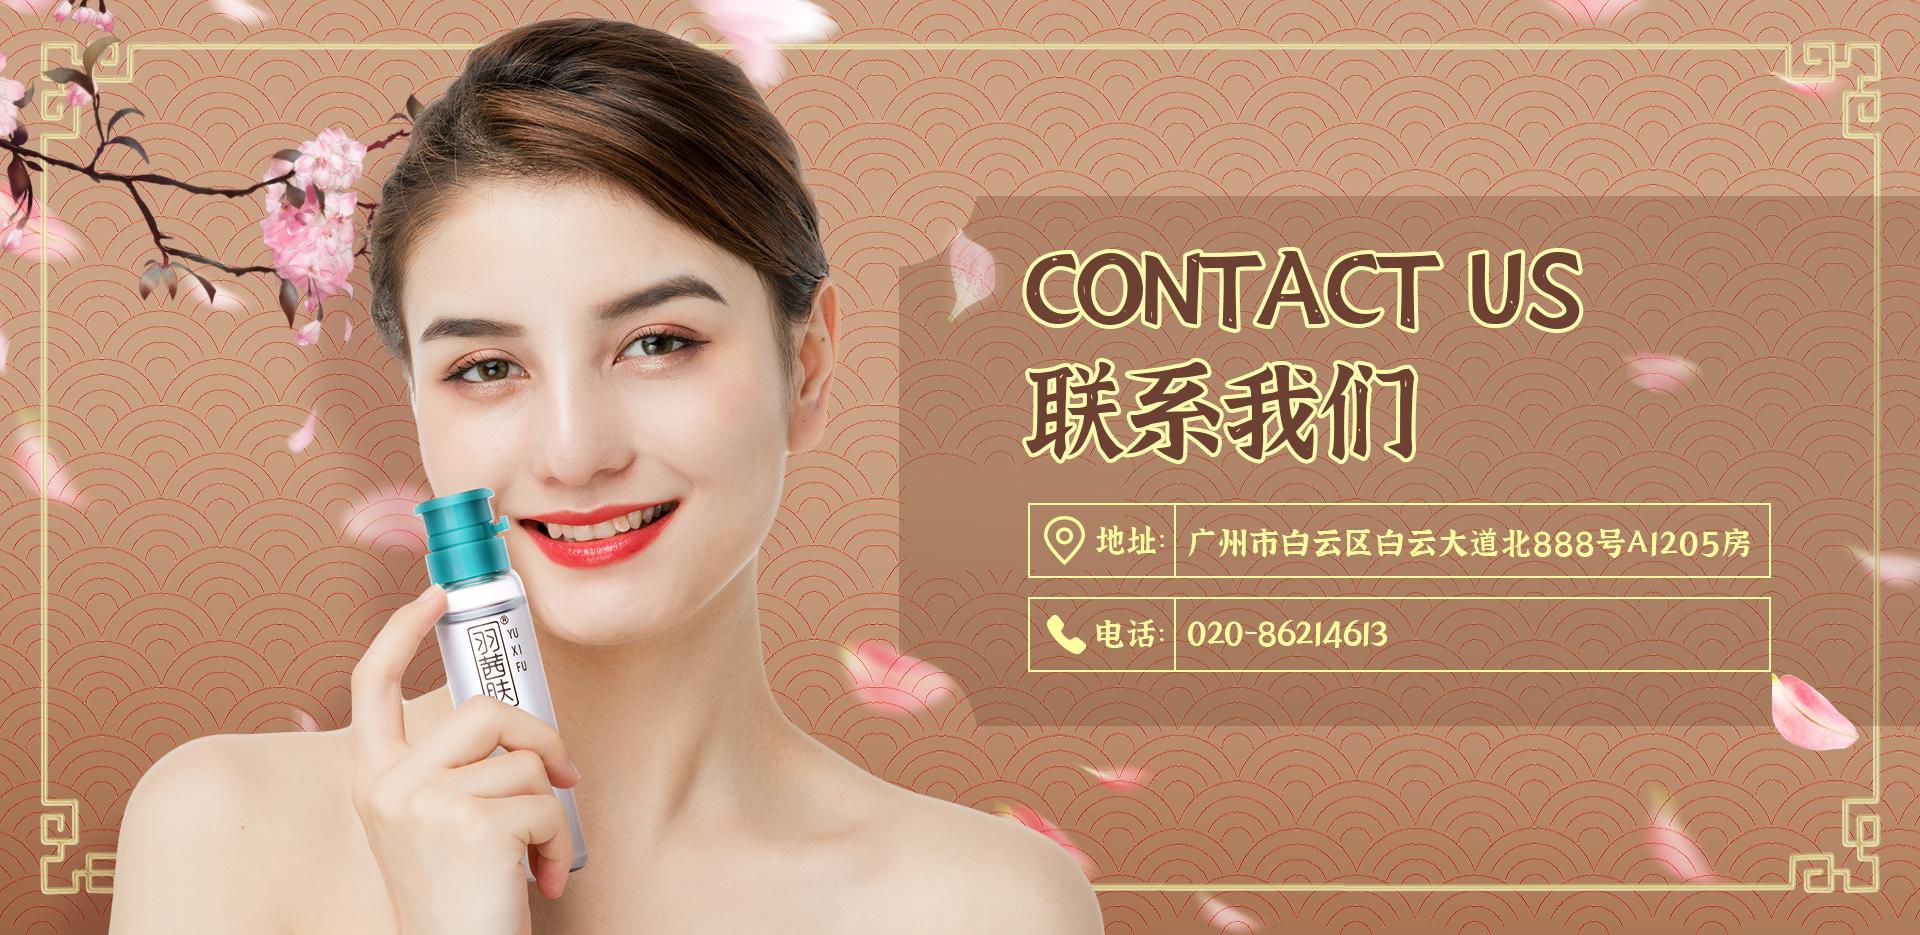 羽茜肤美容产品联系电话的banner图片